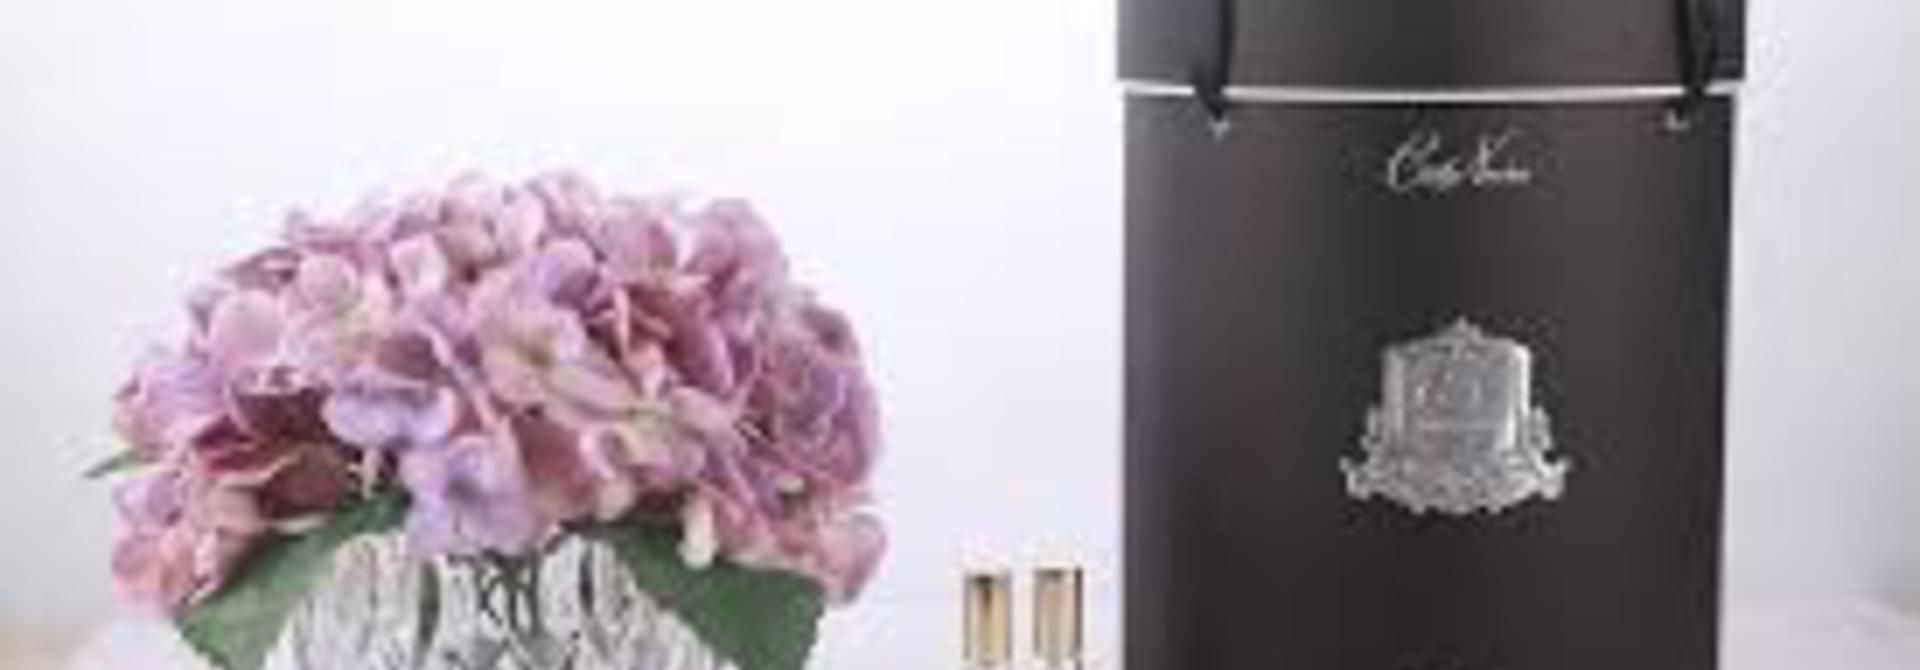 COTE NOIRE - Purple Hydrangeas Flowers Clear Vase